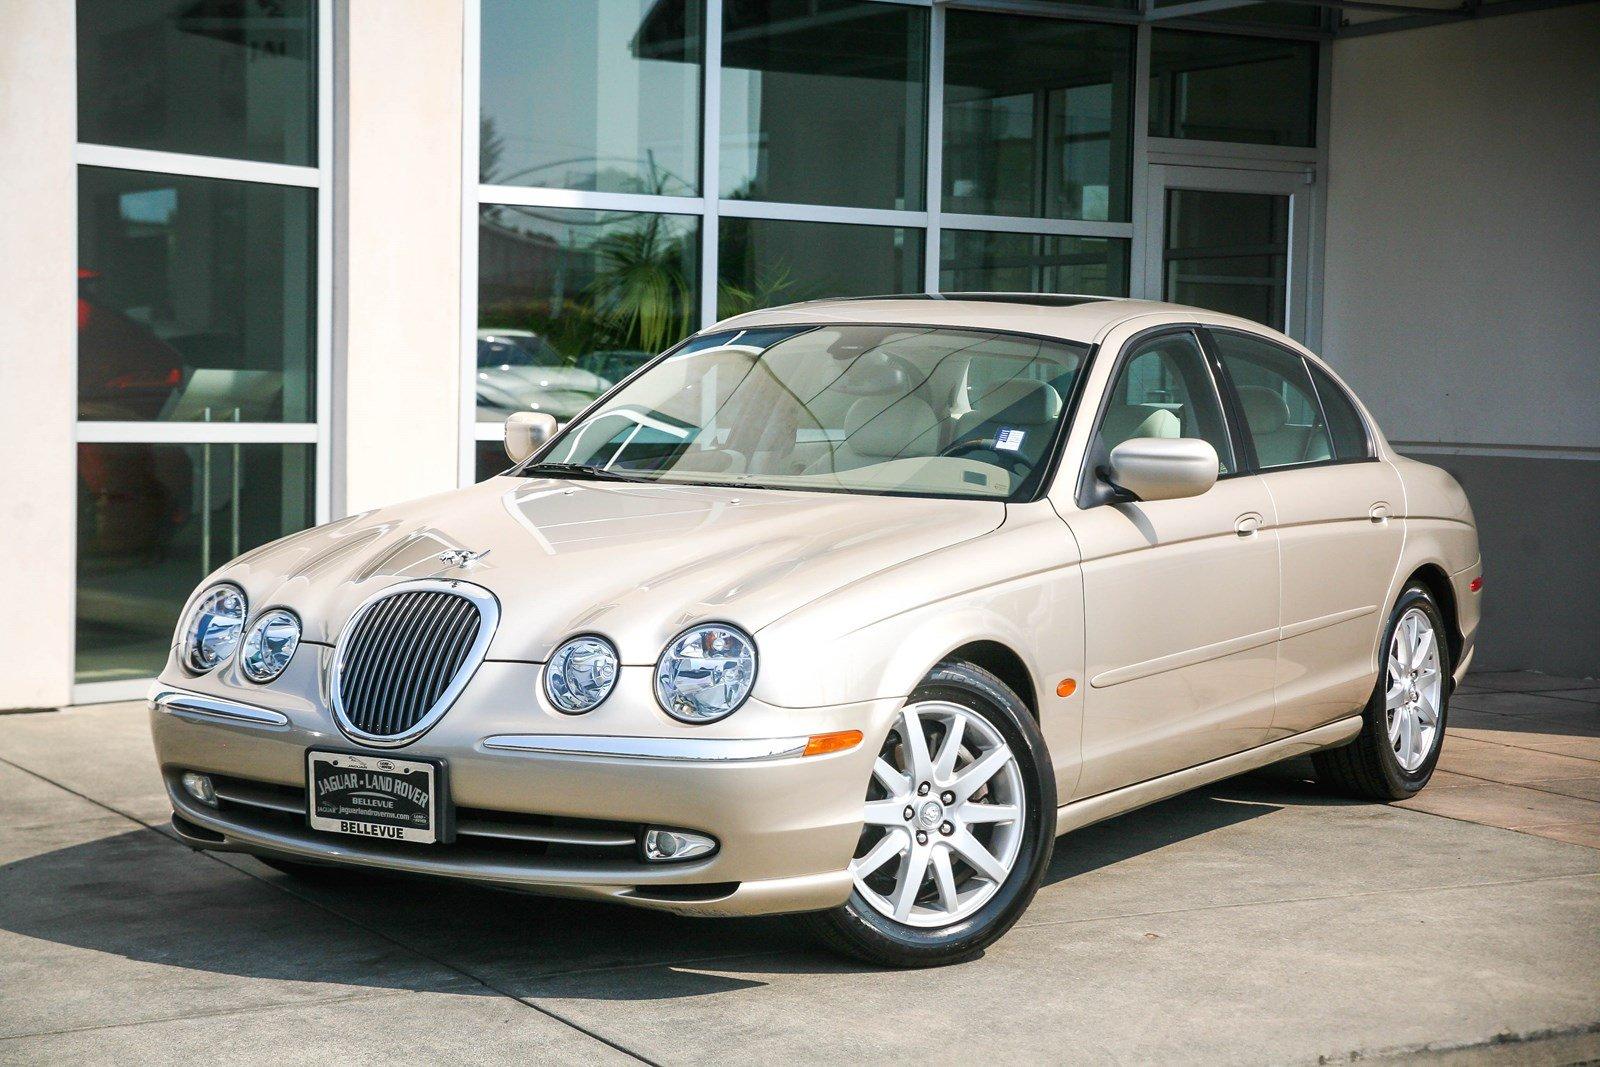 Photo Pre-Owned 2000 Jaguar S-TYPE V8 RWD 4dr Car